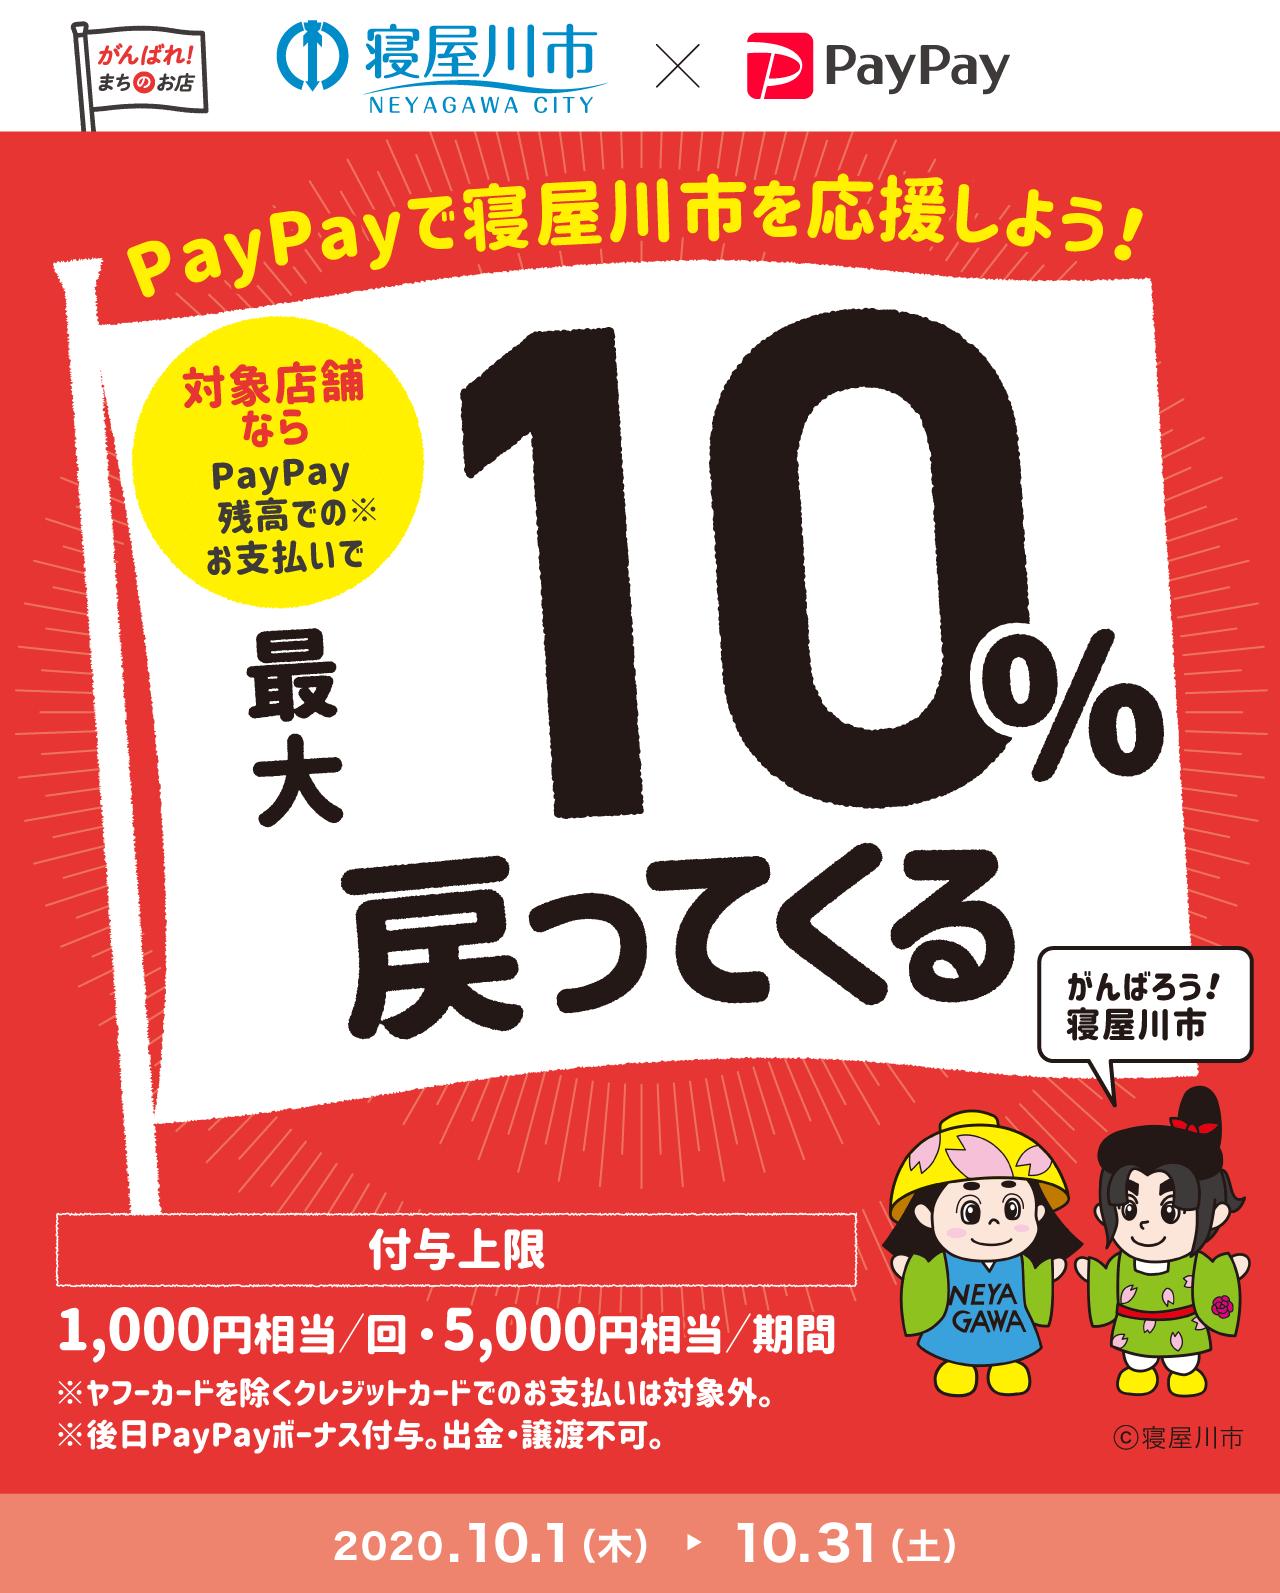 PayPayで寝屋川市を応援しよう! 対象店舗ならPayPay残高でのお支払いで最大10%戻ってくる